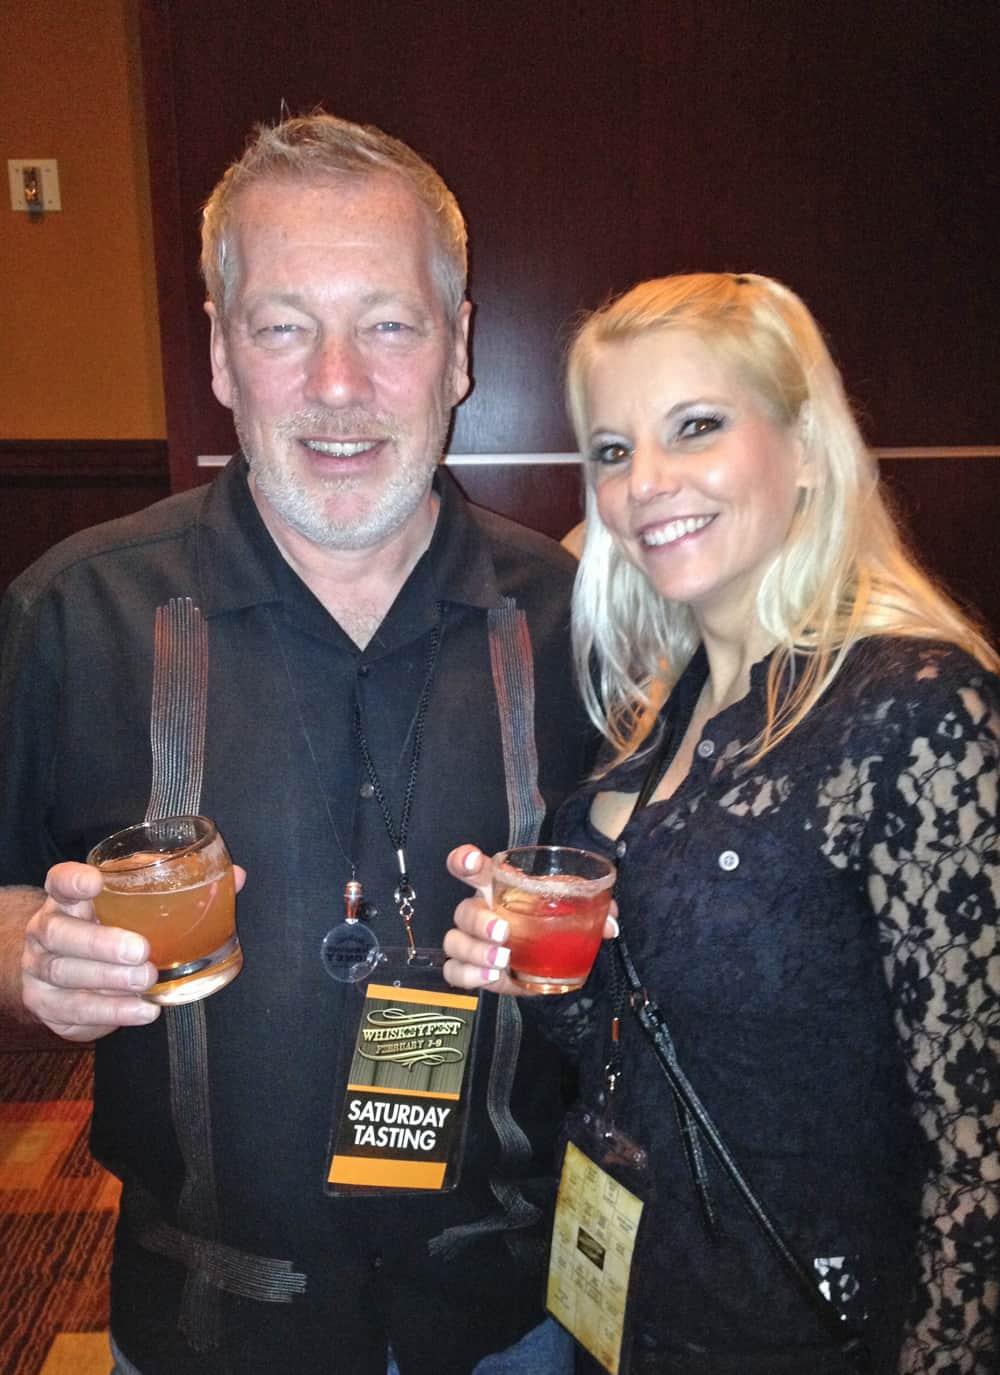 WhiskeyFest2014 - ADCook and Rhonda, Las Vegas, NV